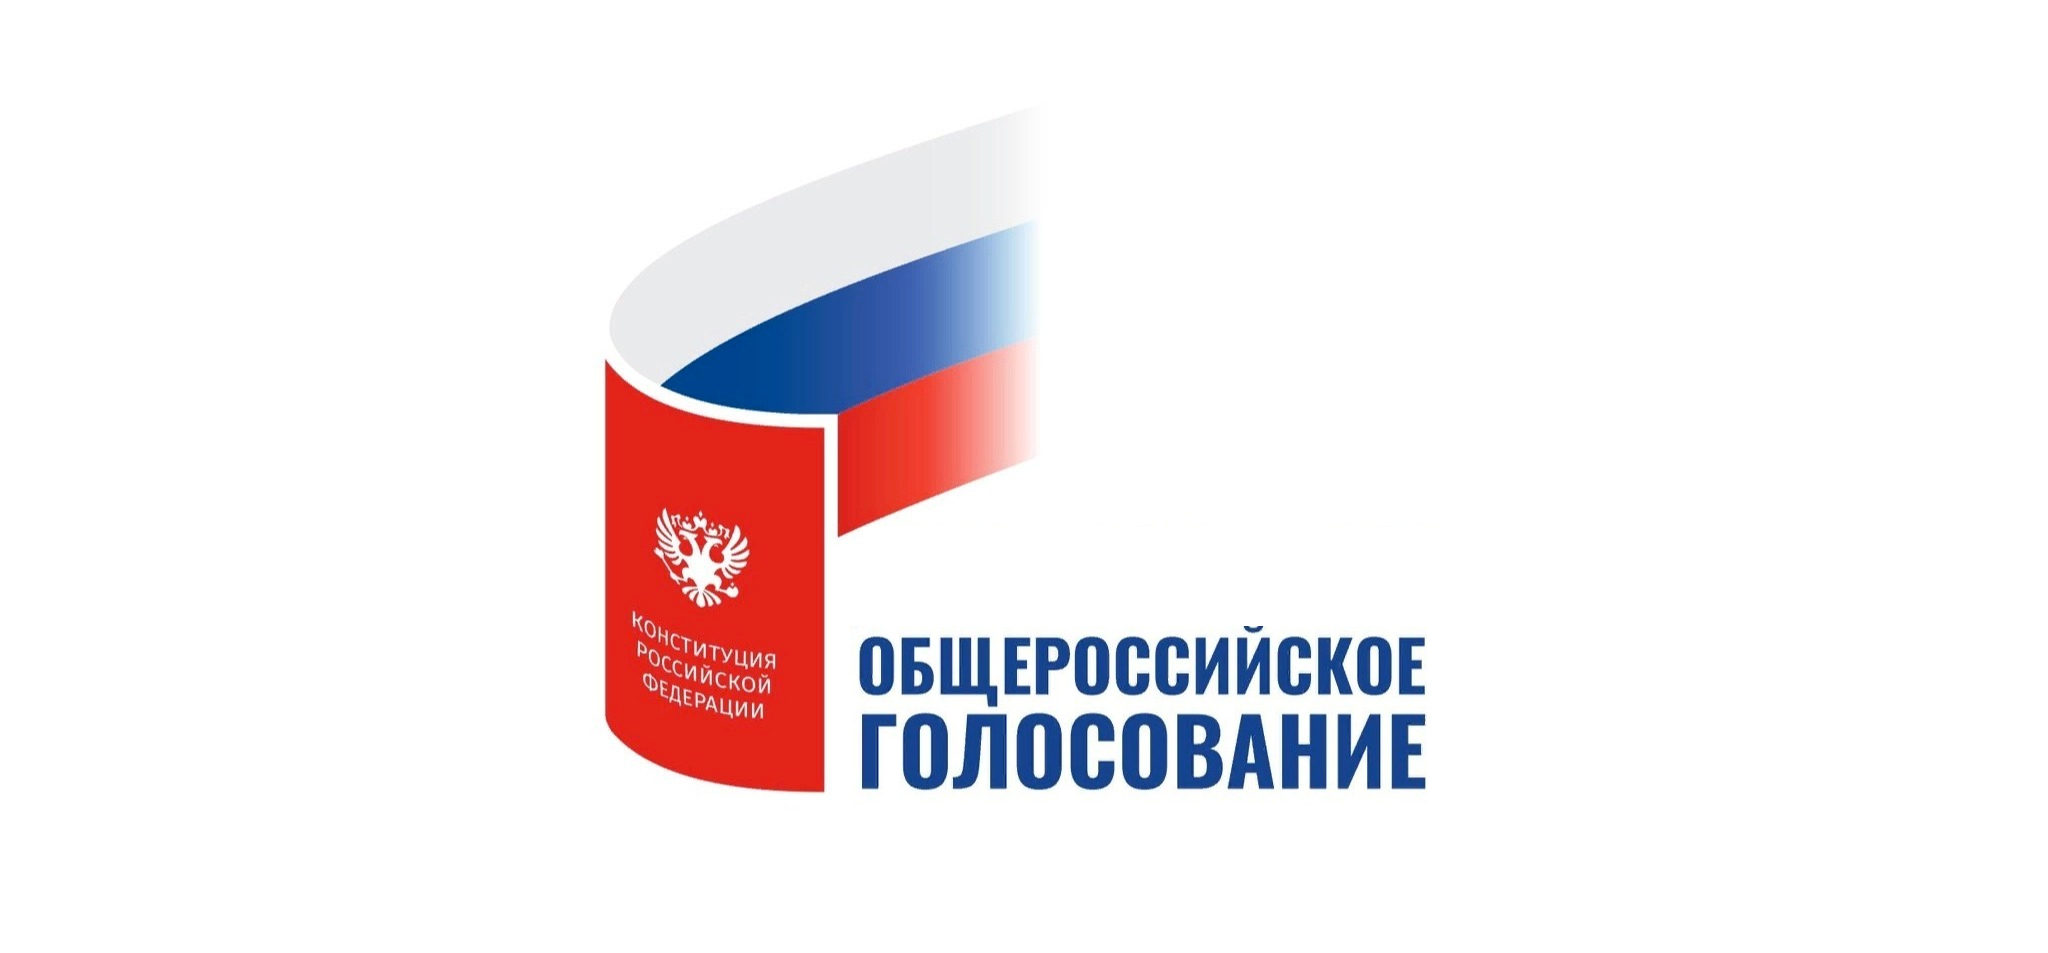 Общероссийское голосование - 2020